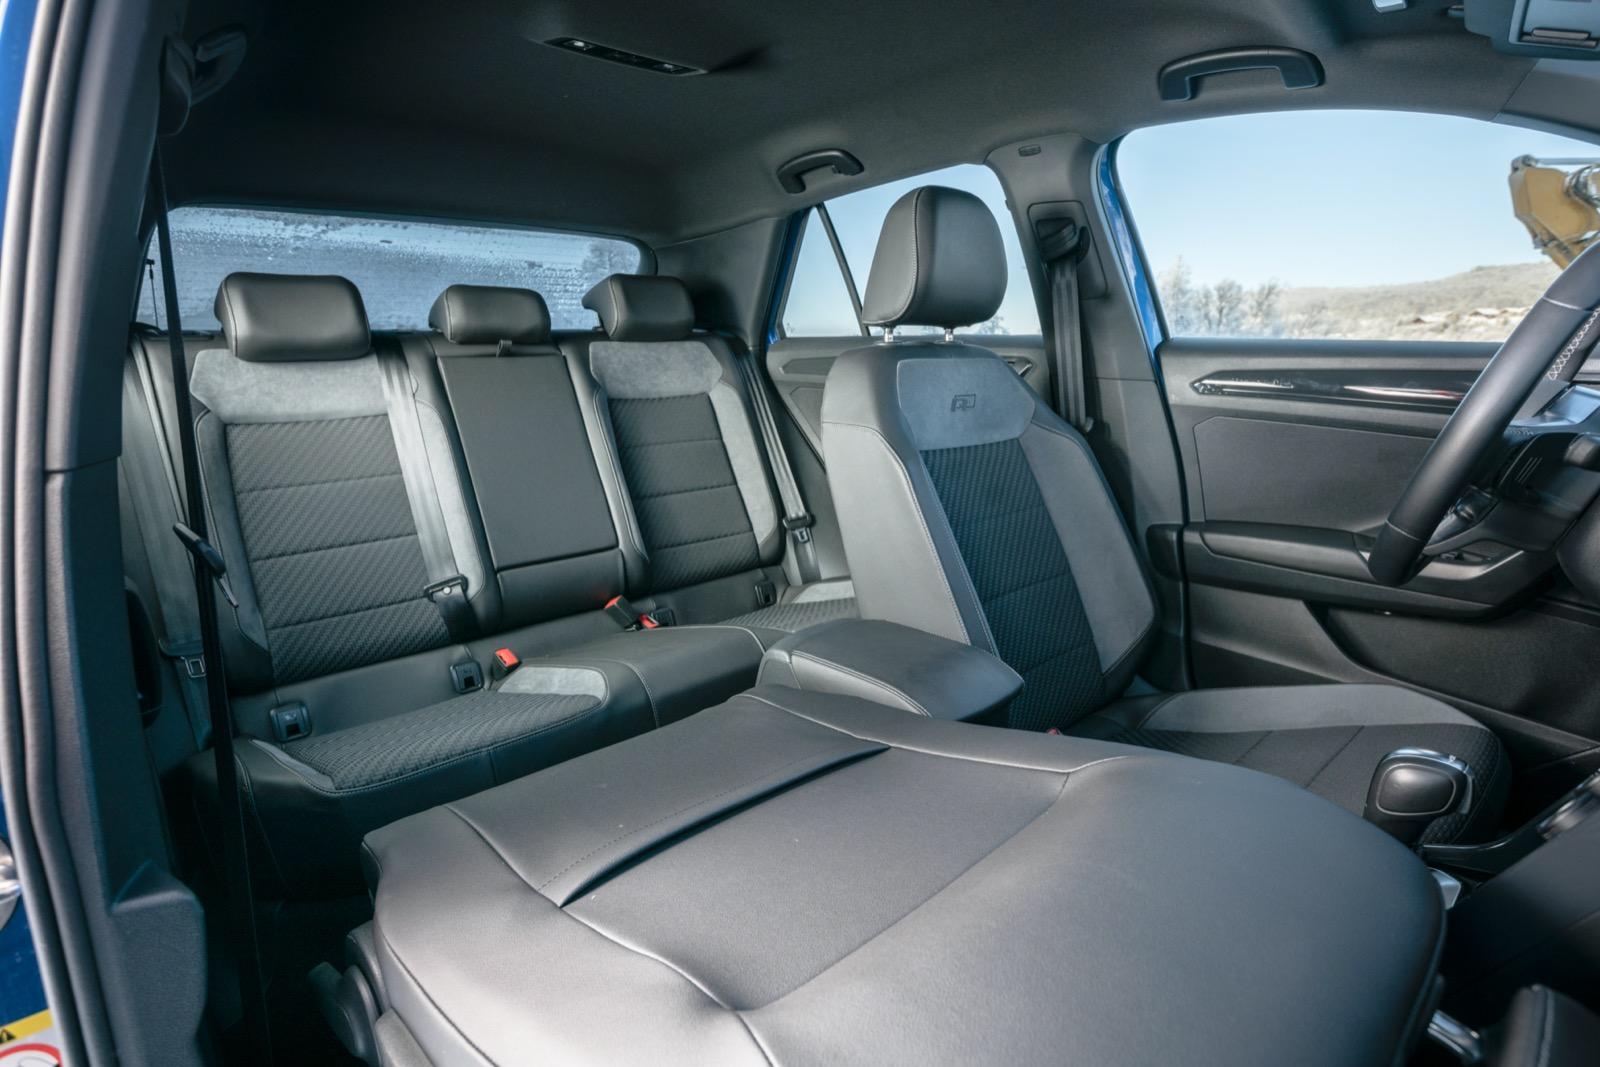 Volkswagen: Passagerarsolen går att vika fram, det gör det lätt att lasta långa föremål. Likt konkurrenterna ställbara bältesfästen fram. Mittarmstödet fram går trögt, men kan justeras i både längd och höjd. Under armstödet finns ett litet förvaringsutrymme lämpligt för en större tablettask eller två.